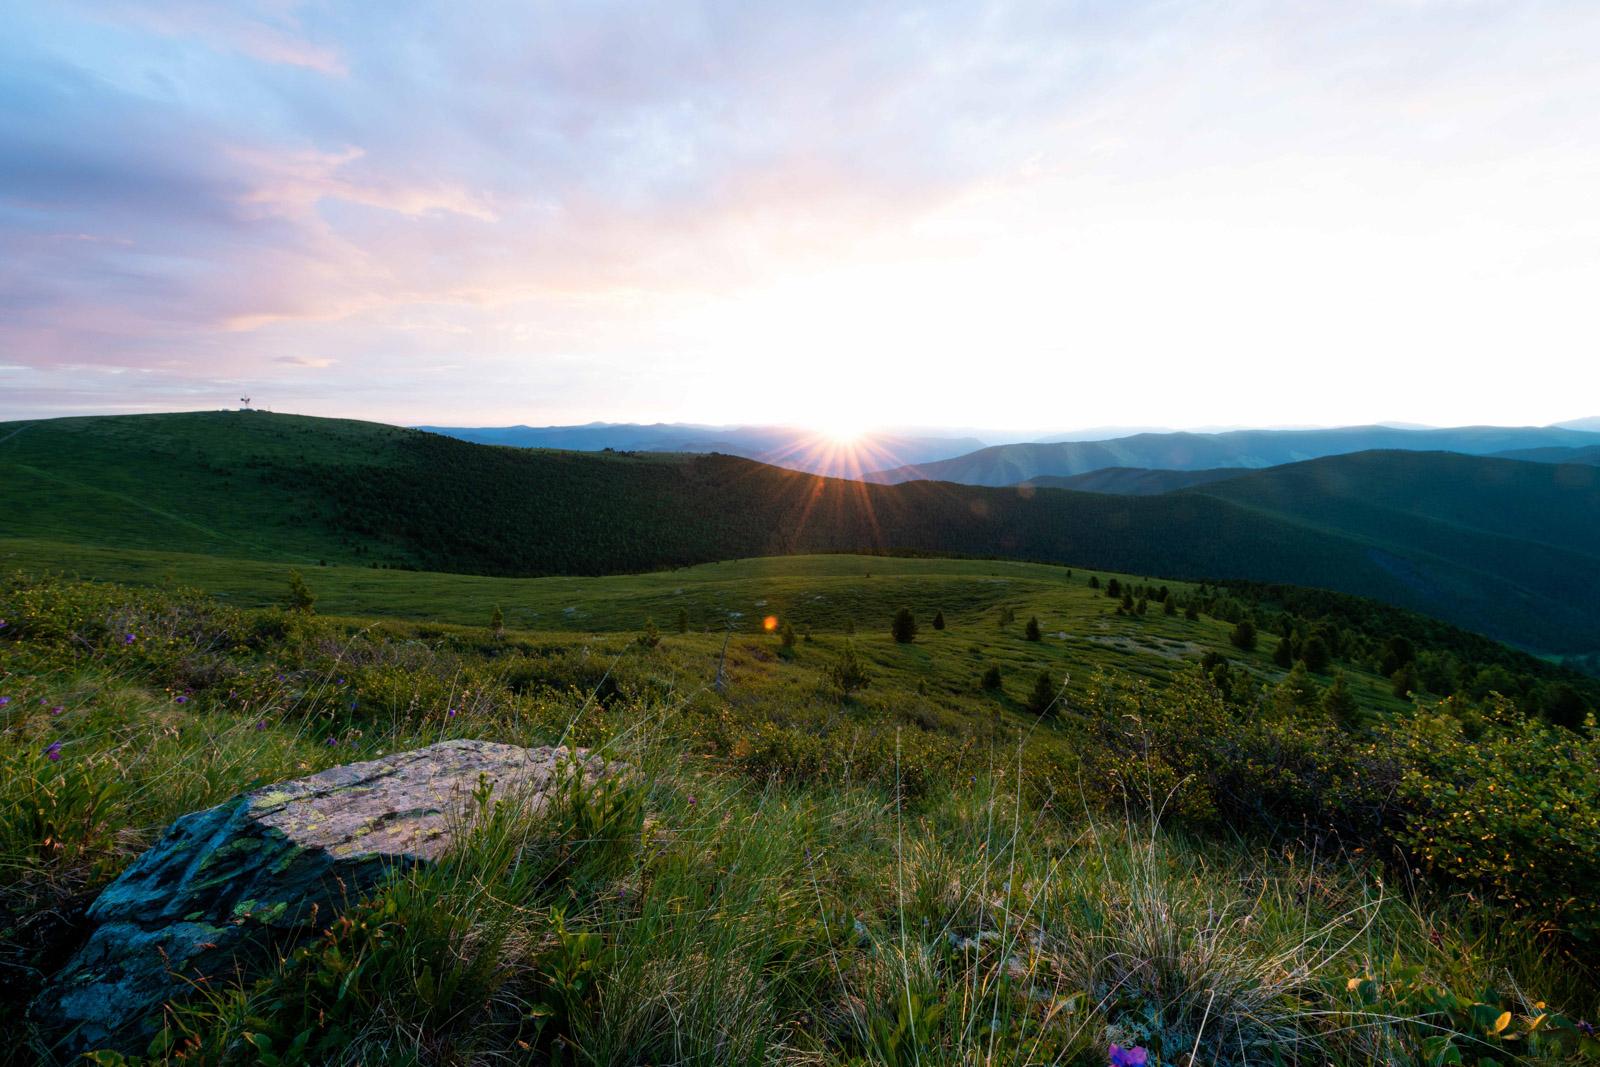 Путешествие по Алтаю: 8000 км на автомобиле за 8 дней Алтай,горы,путешествия